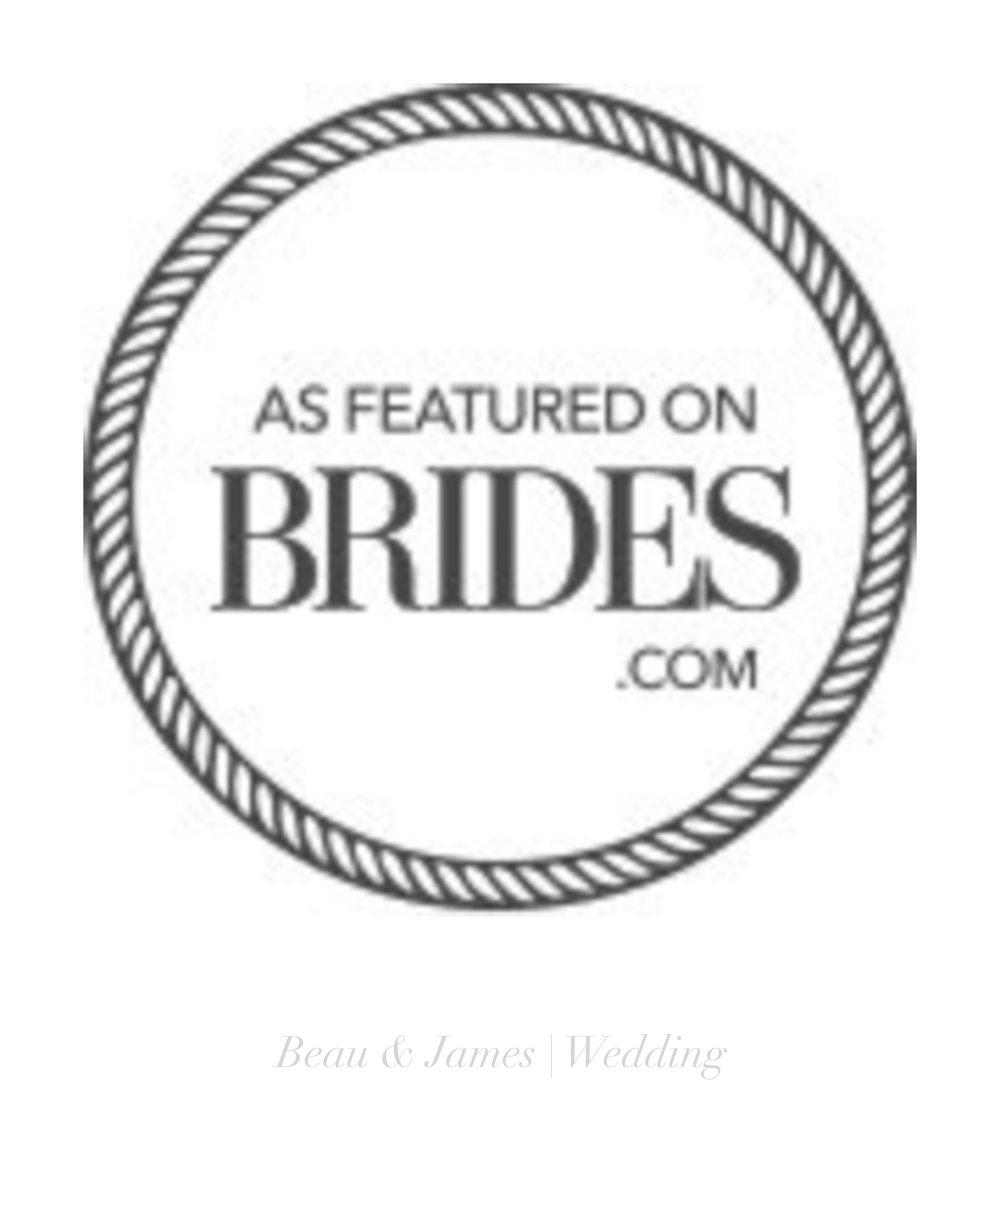 Brides - Beau.jpg